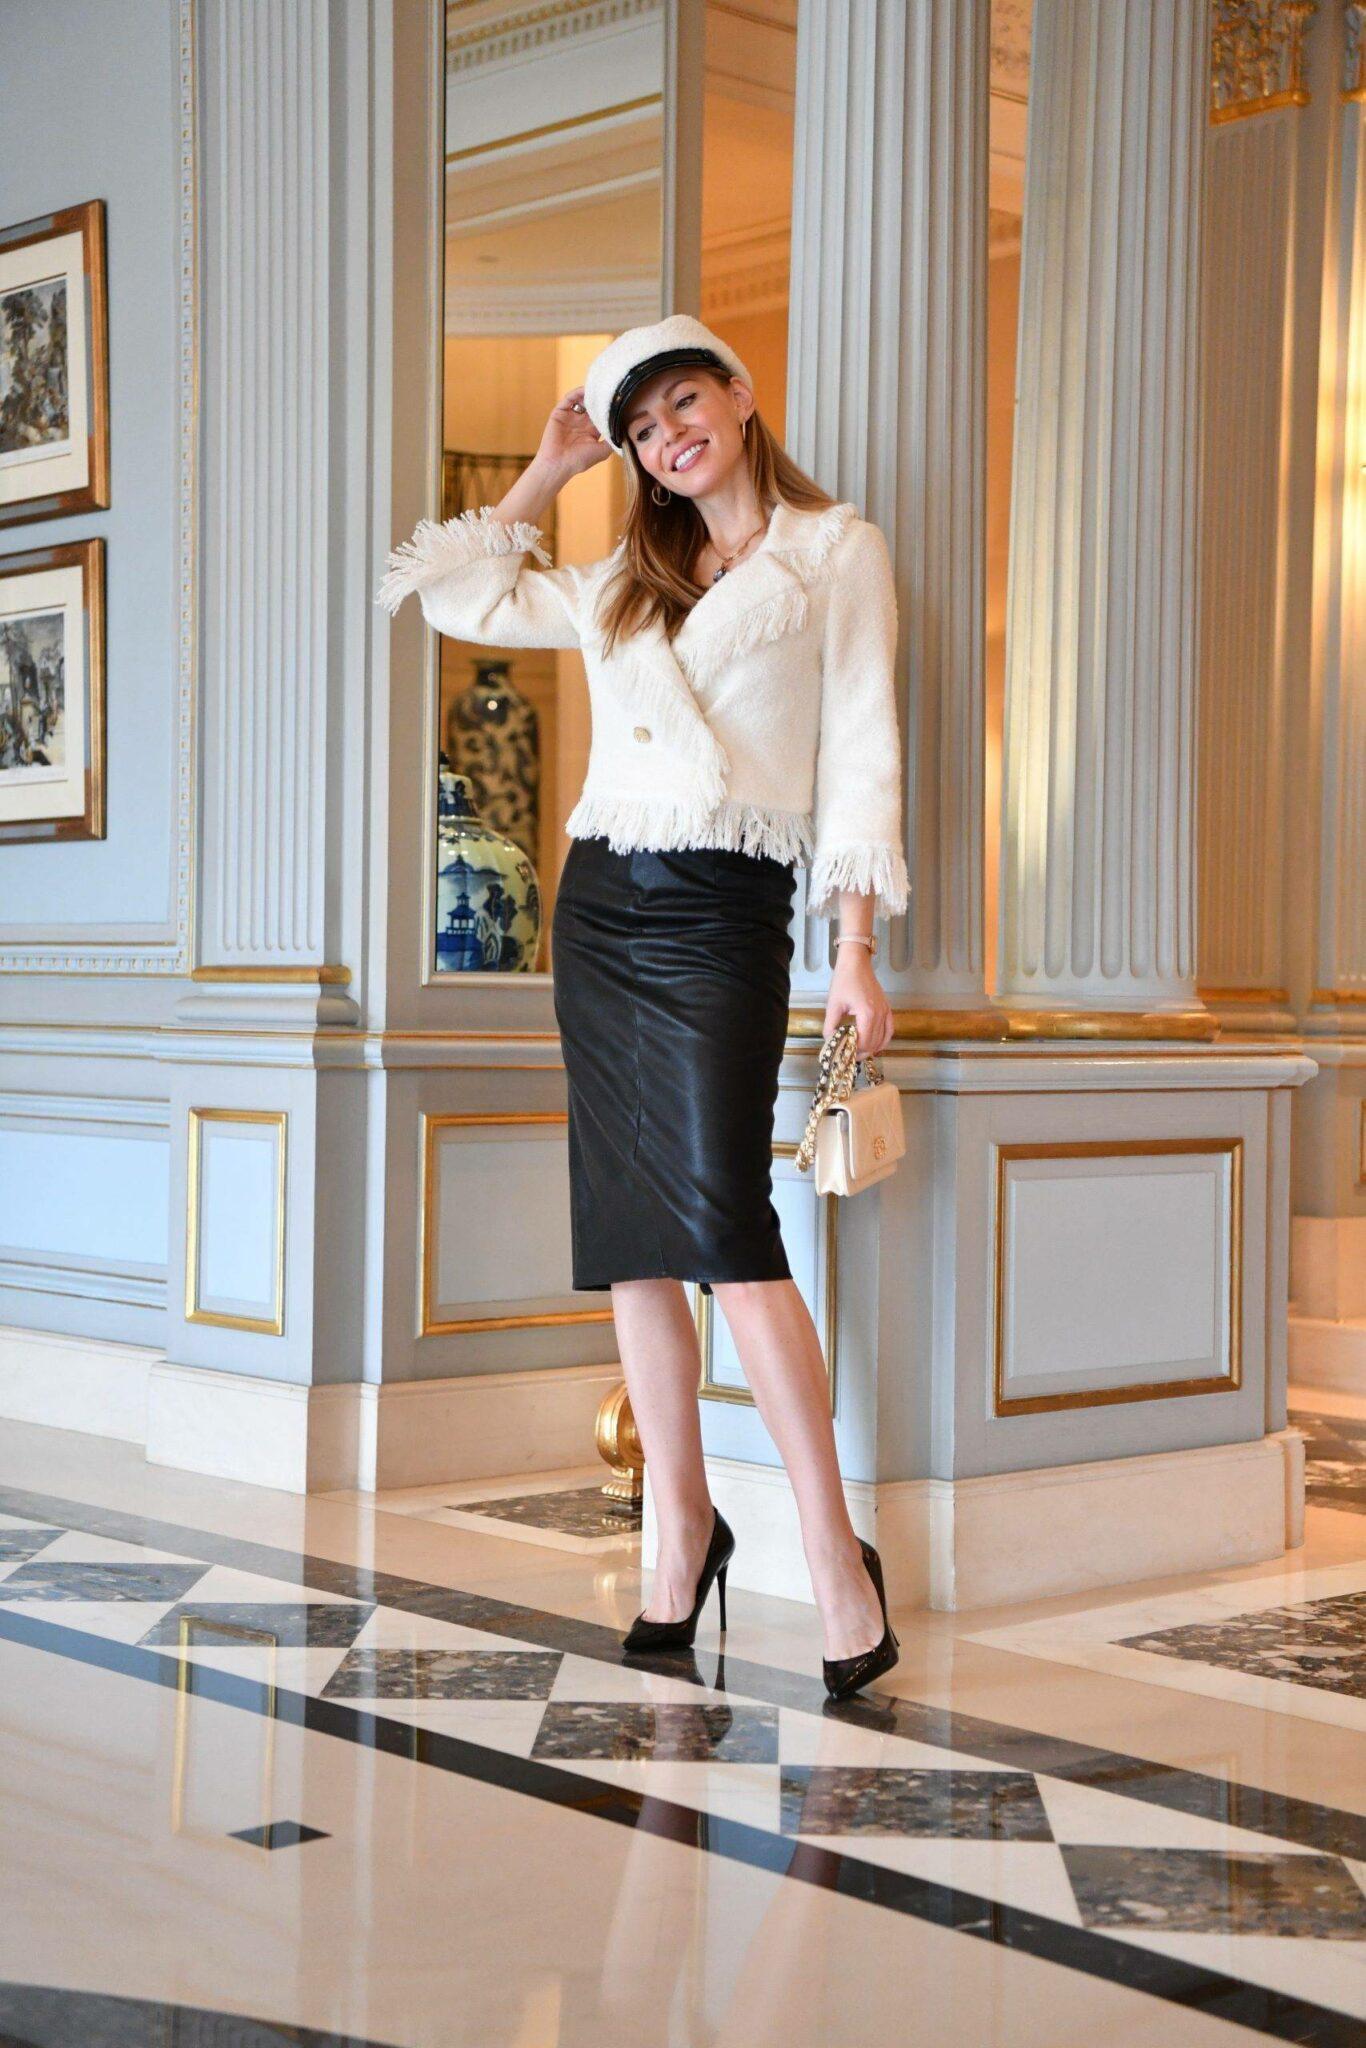 Bella_Zofia is wearing Millé Milano look,  Izabela Switon-Kulinska   In Four Seasons Hotel